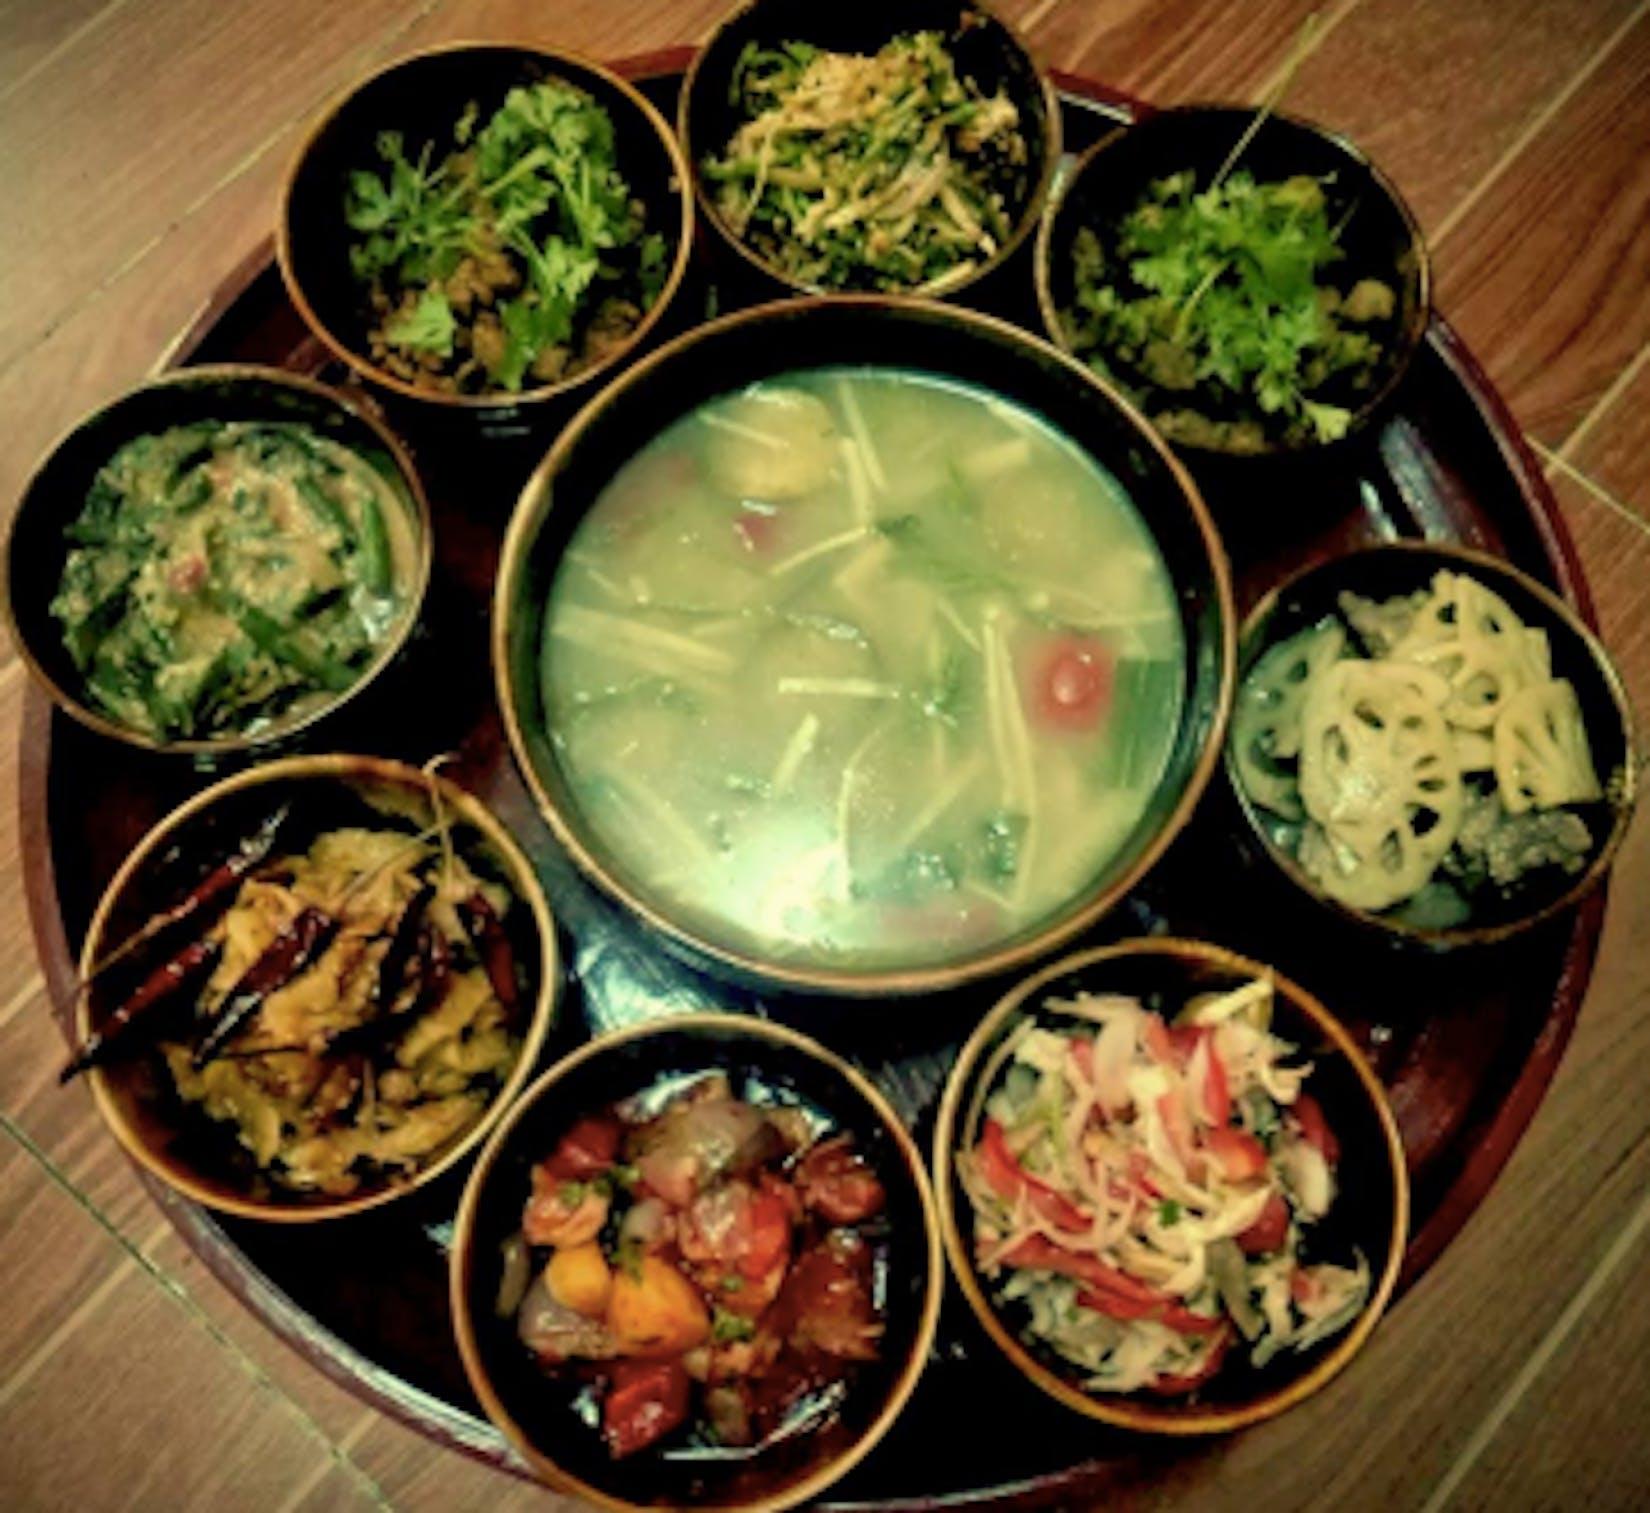 Kabar Thein Restaurant   yathar